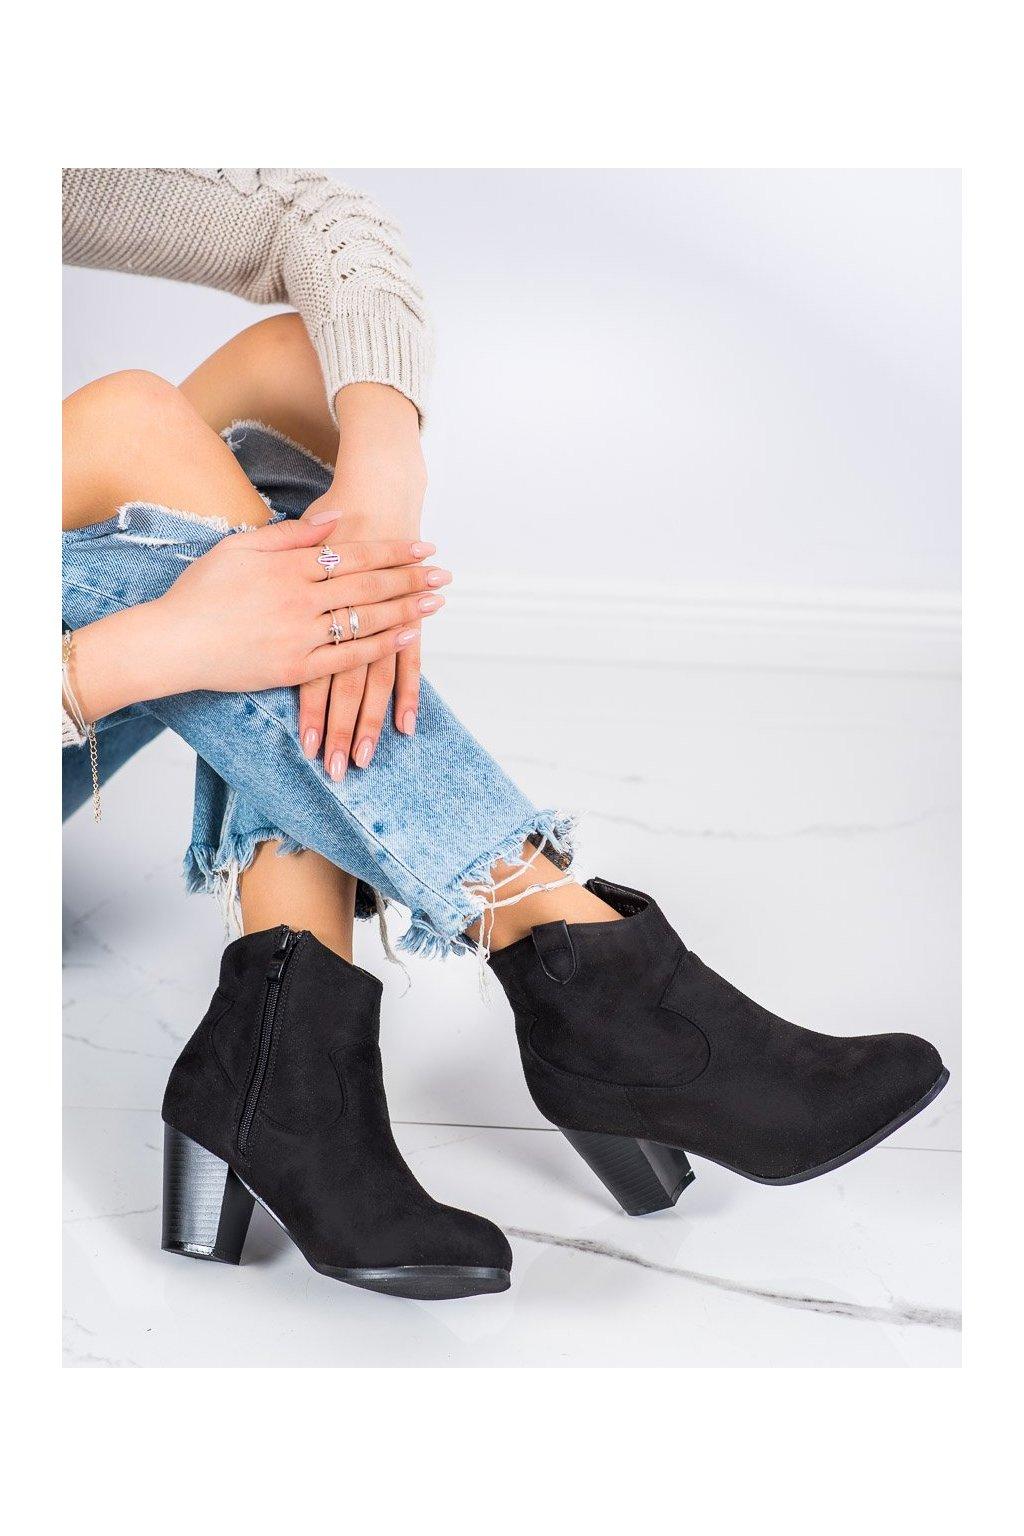 Čierne dámske topánky Abloom kod F166-5B